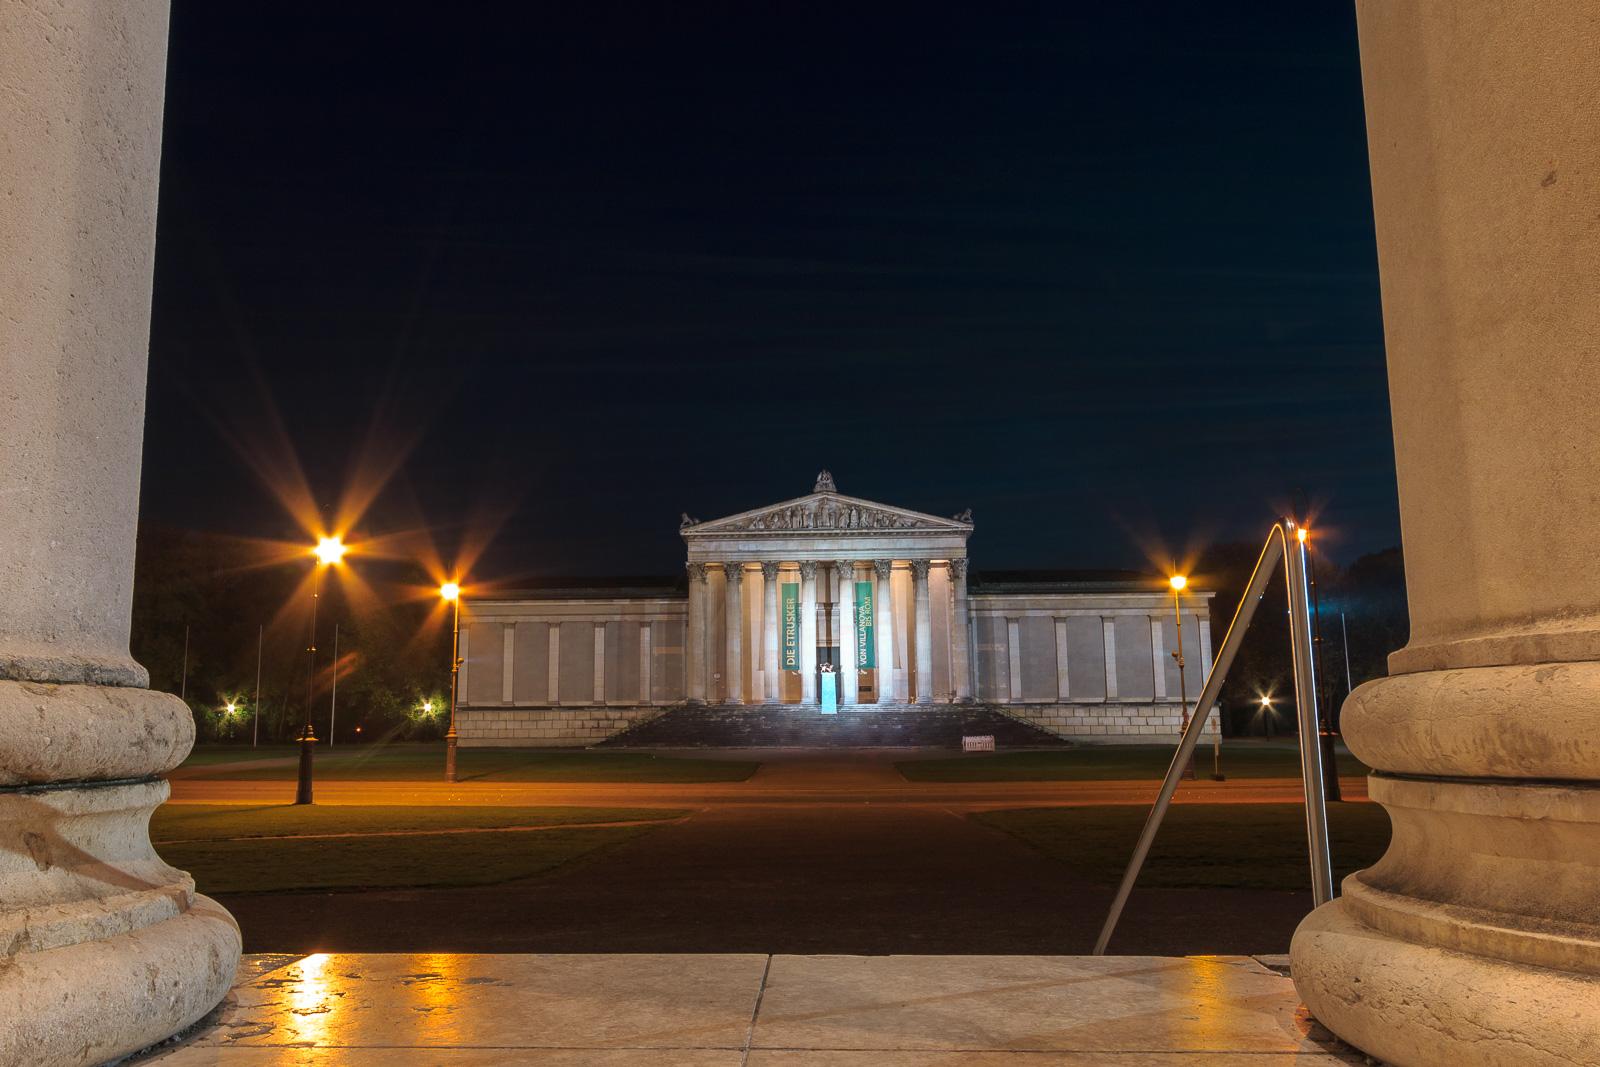 Die Gebäude sind die ganze Nacht beleuchtet ... bleibt viel Zeit zum Fotografieren :-)